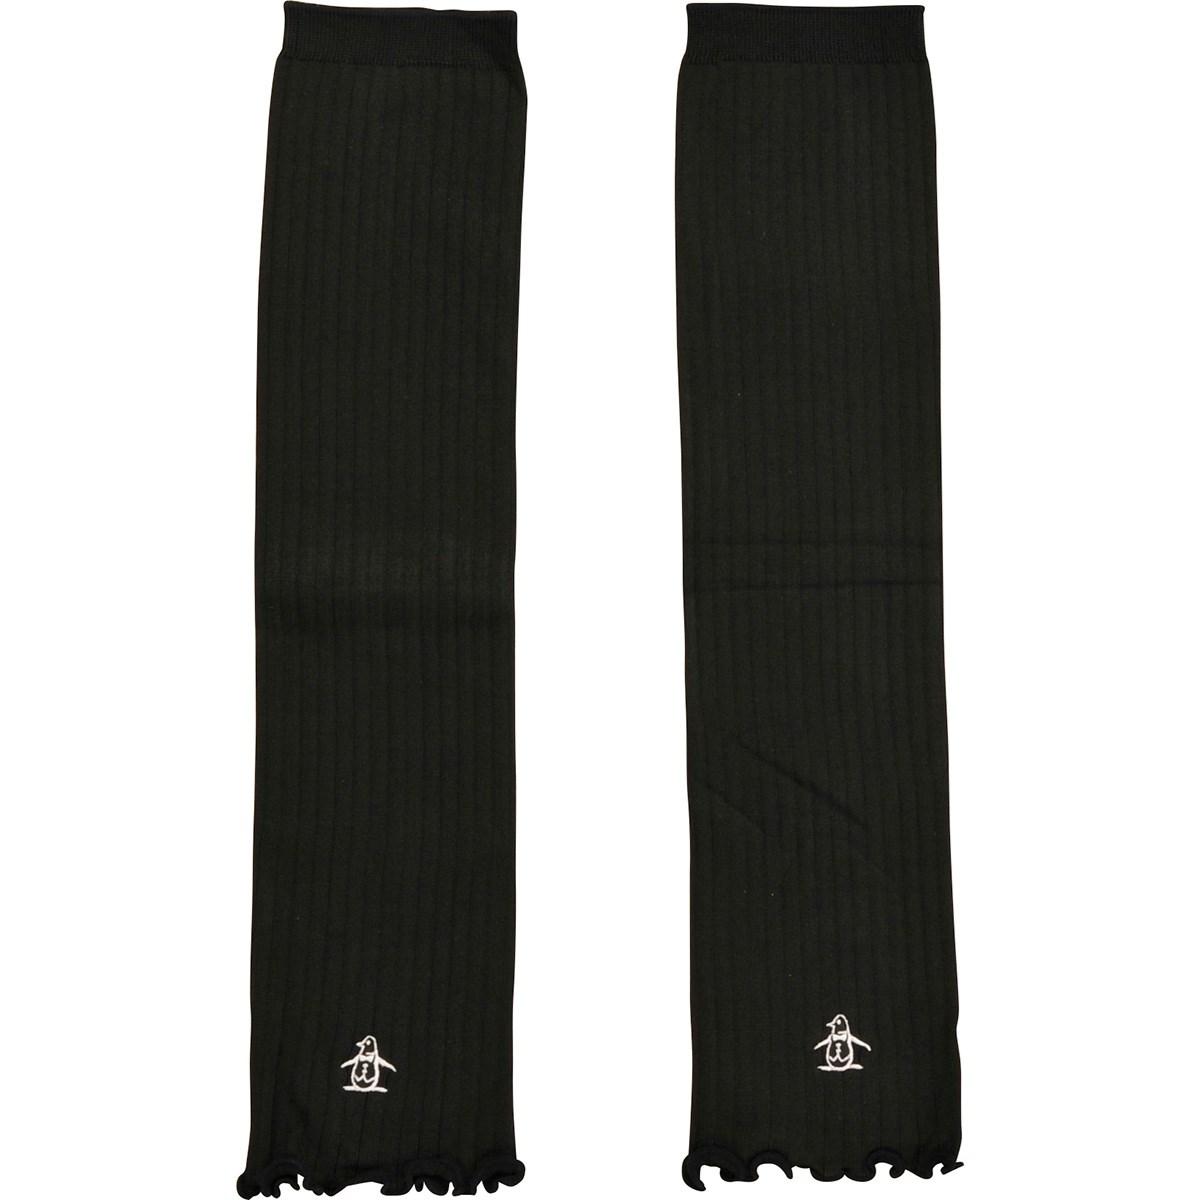 マンシングウェア Munsingwear アームカバー ブラック 00 レディス